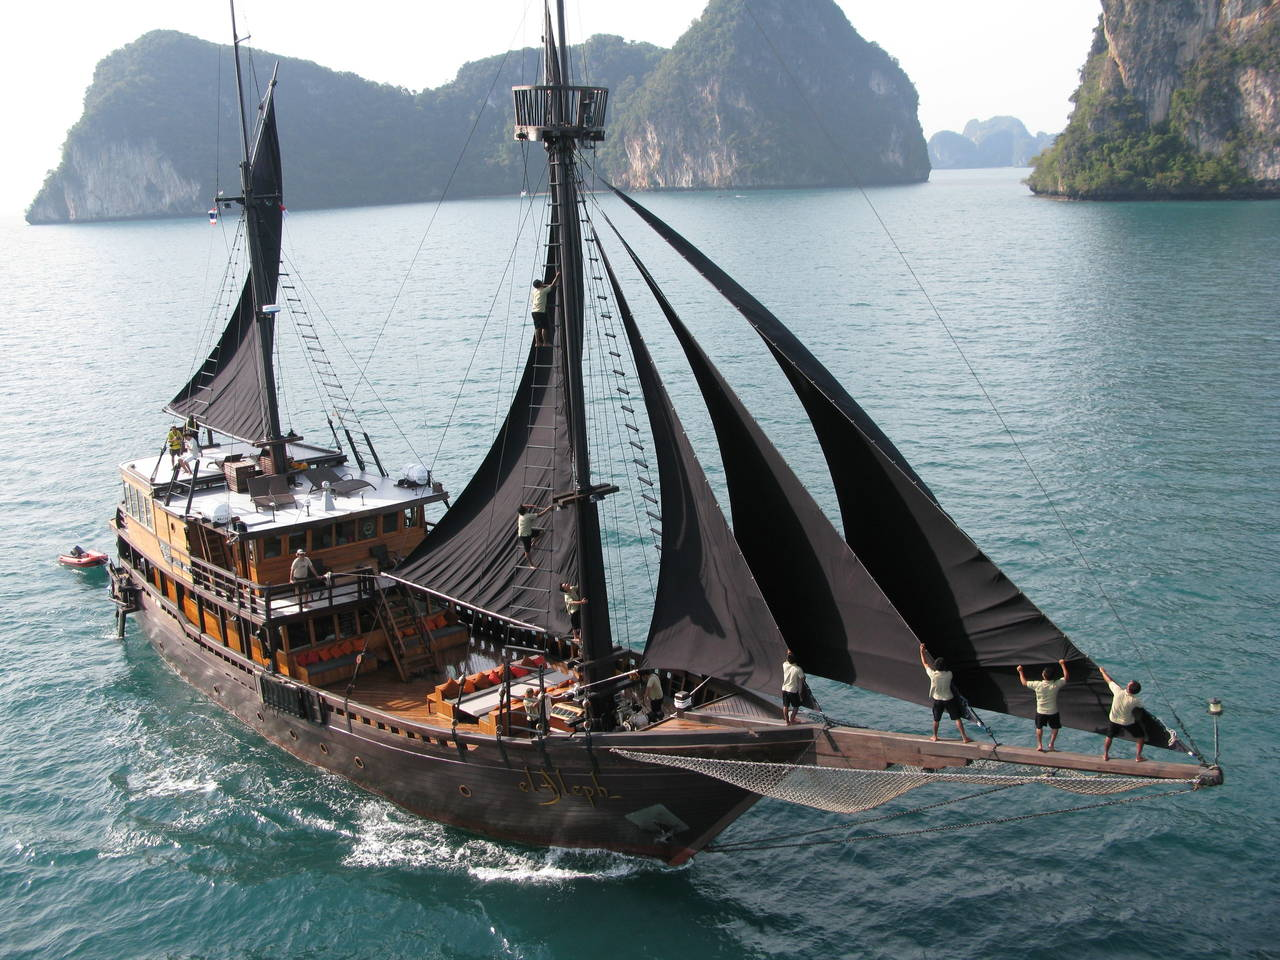 El Aleph luxury yacht